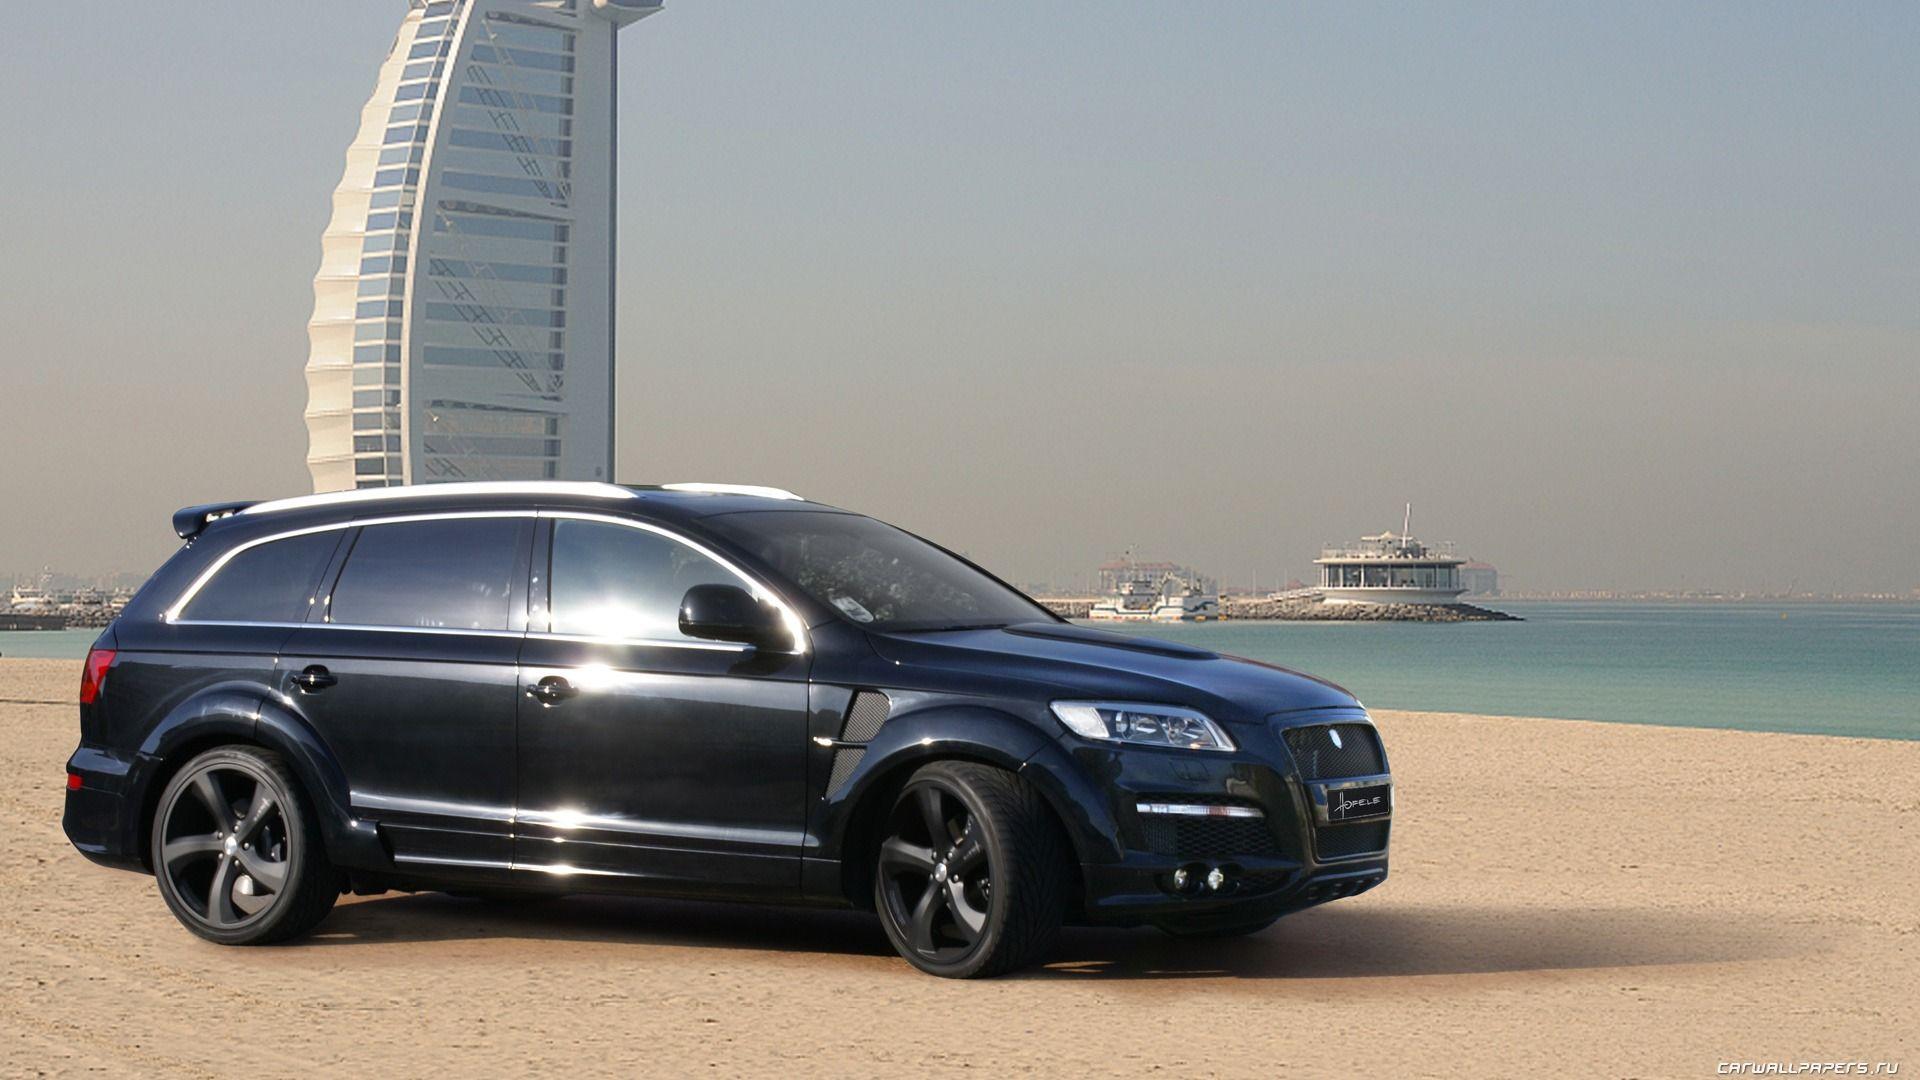 Crni Audi Q7 Pozadine Info Audi Q7 Audi Car